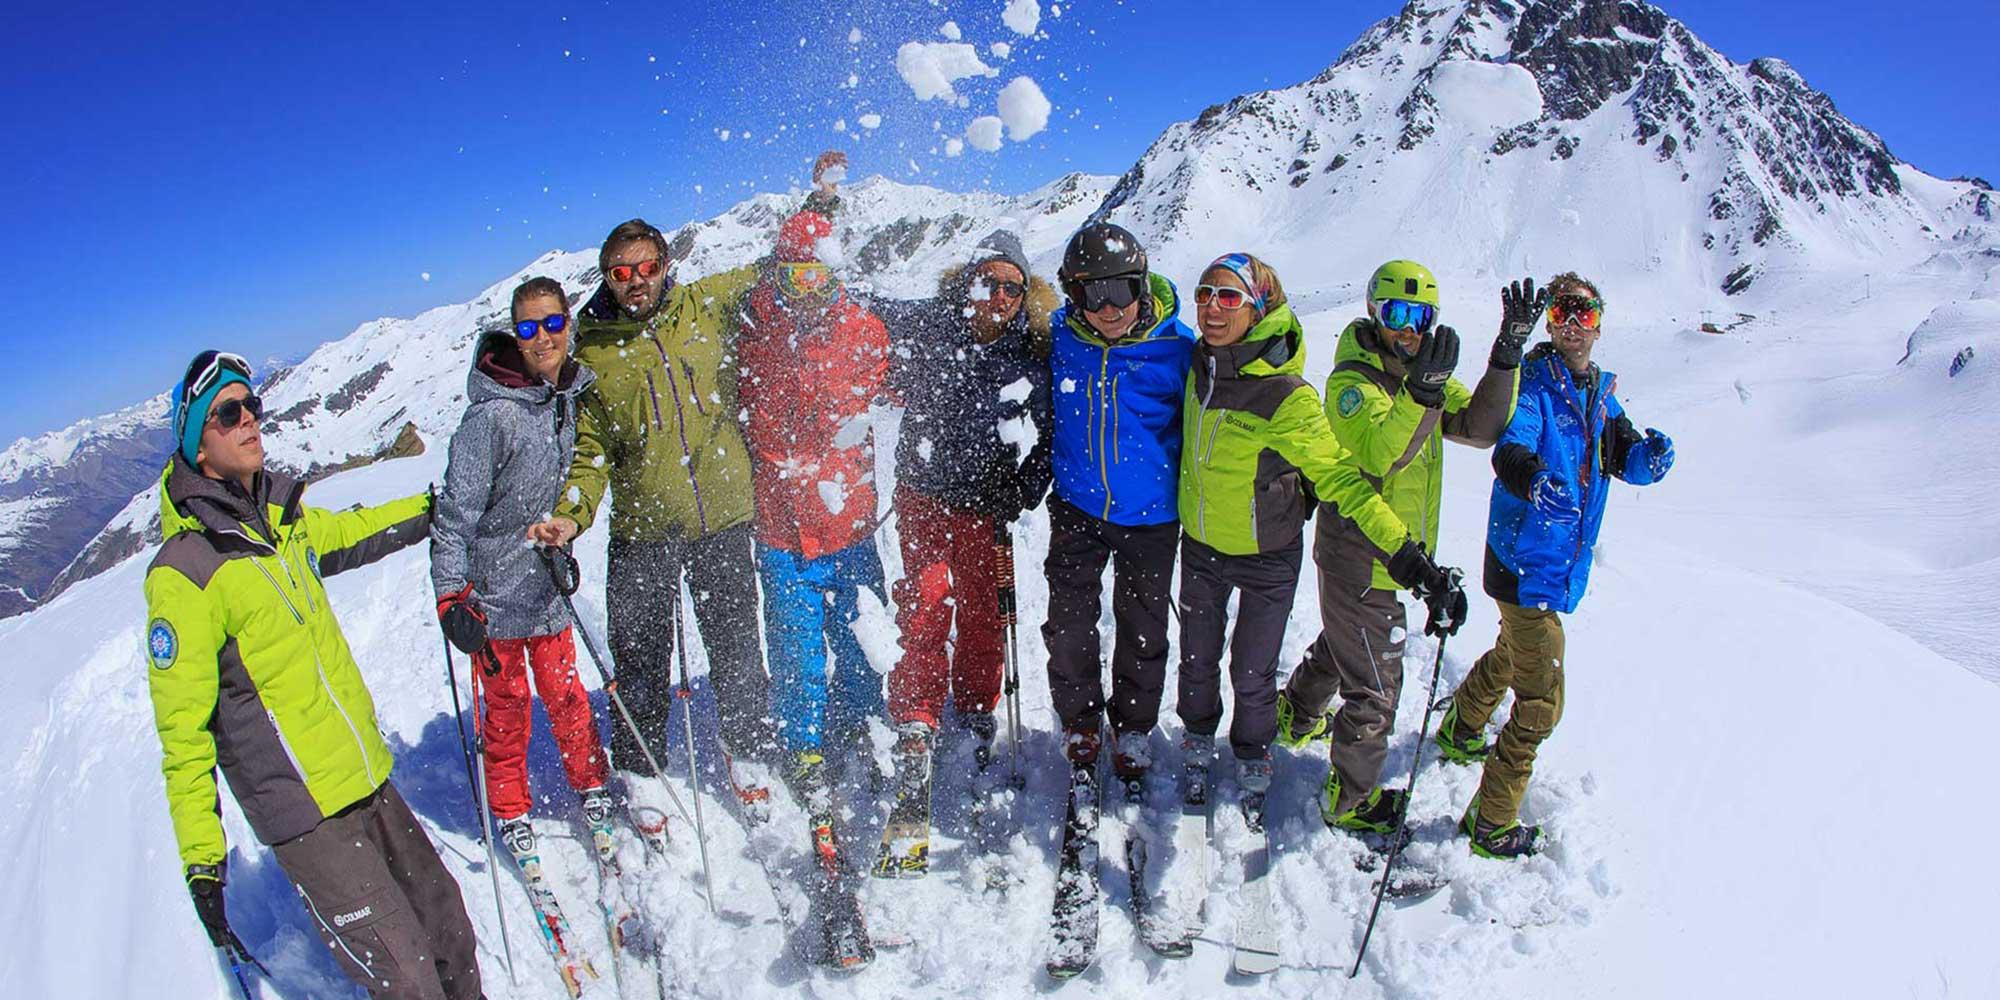 Cours de ski pour adultes avec Prosneige